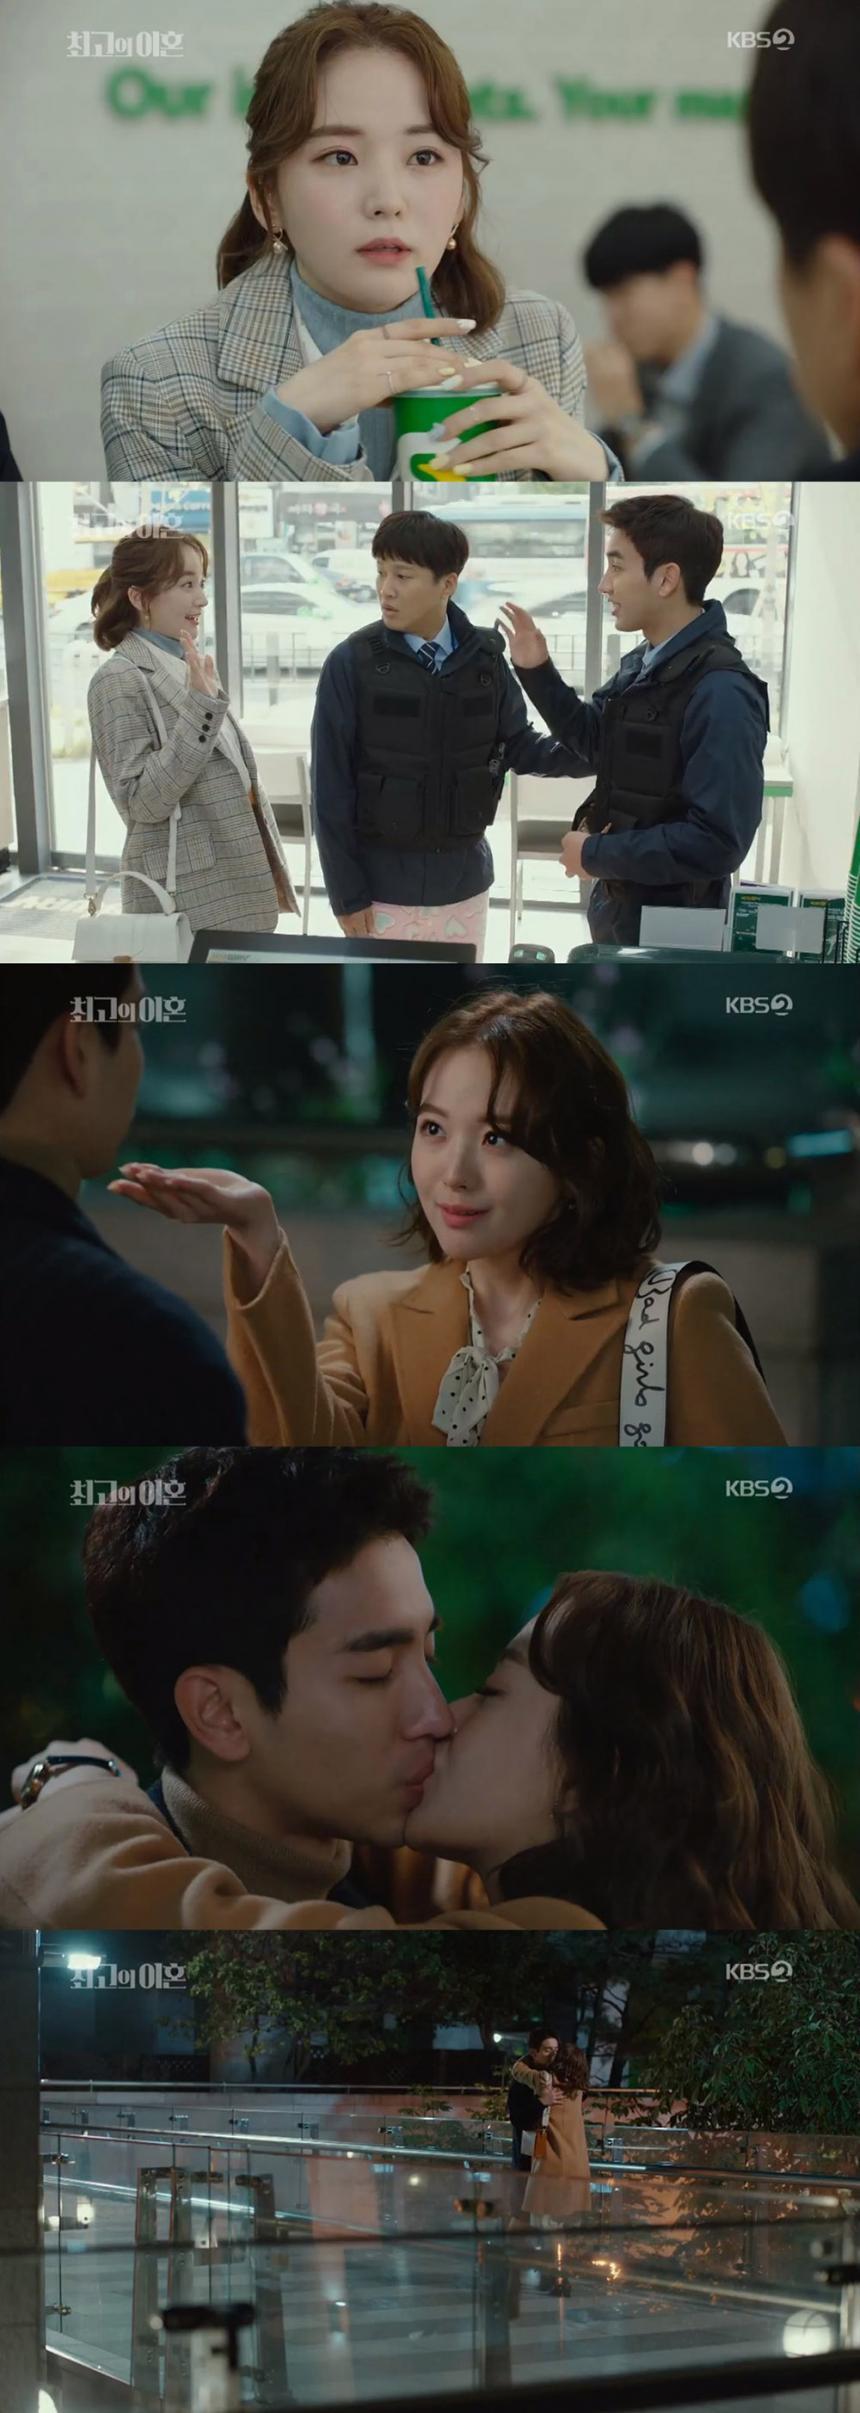 KBS2 '최고의 이혼' 캡처